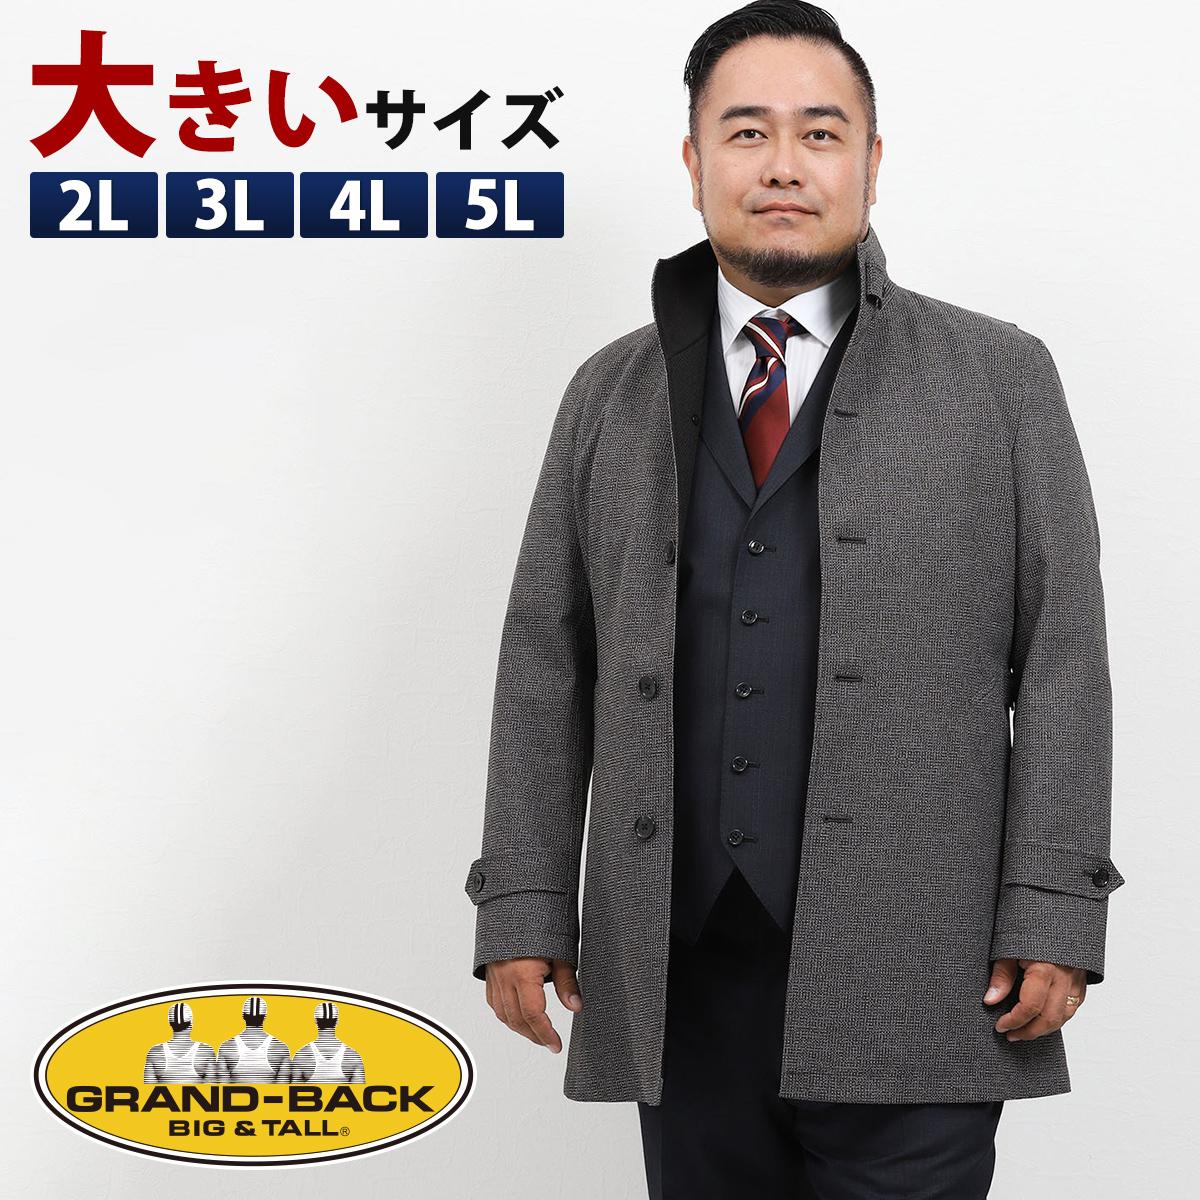 【大きいサイズ・メンズ】グランバック/GRAND-BACK ライナー付撥水防風イタリアンカラーコートグランバック 大きいサイズ タカキュー コート メンズ